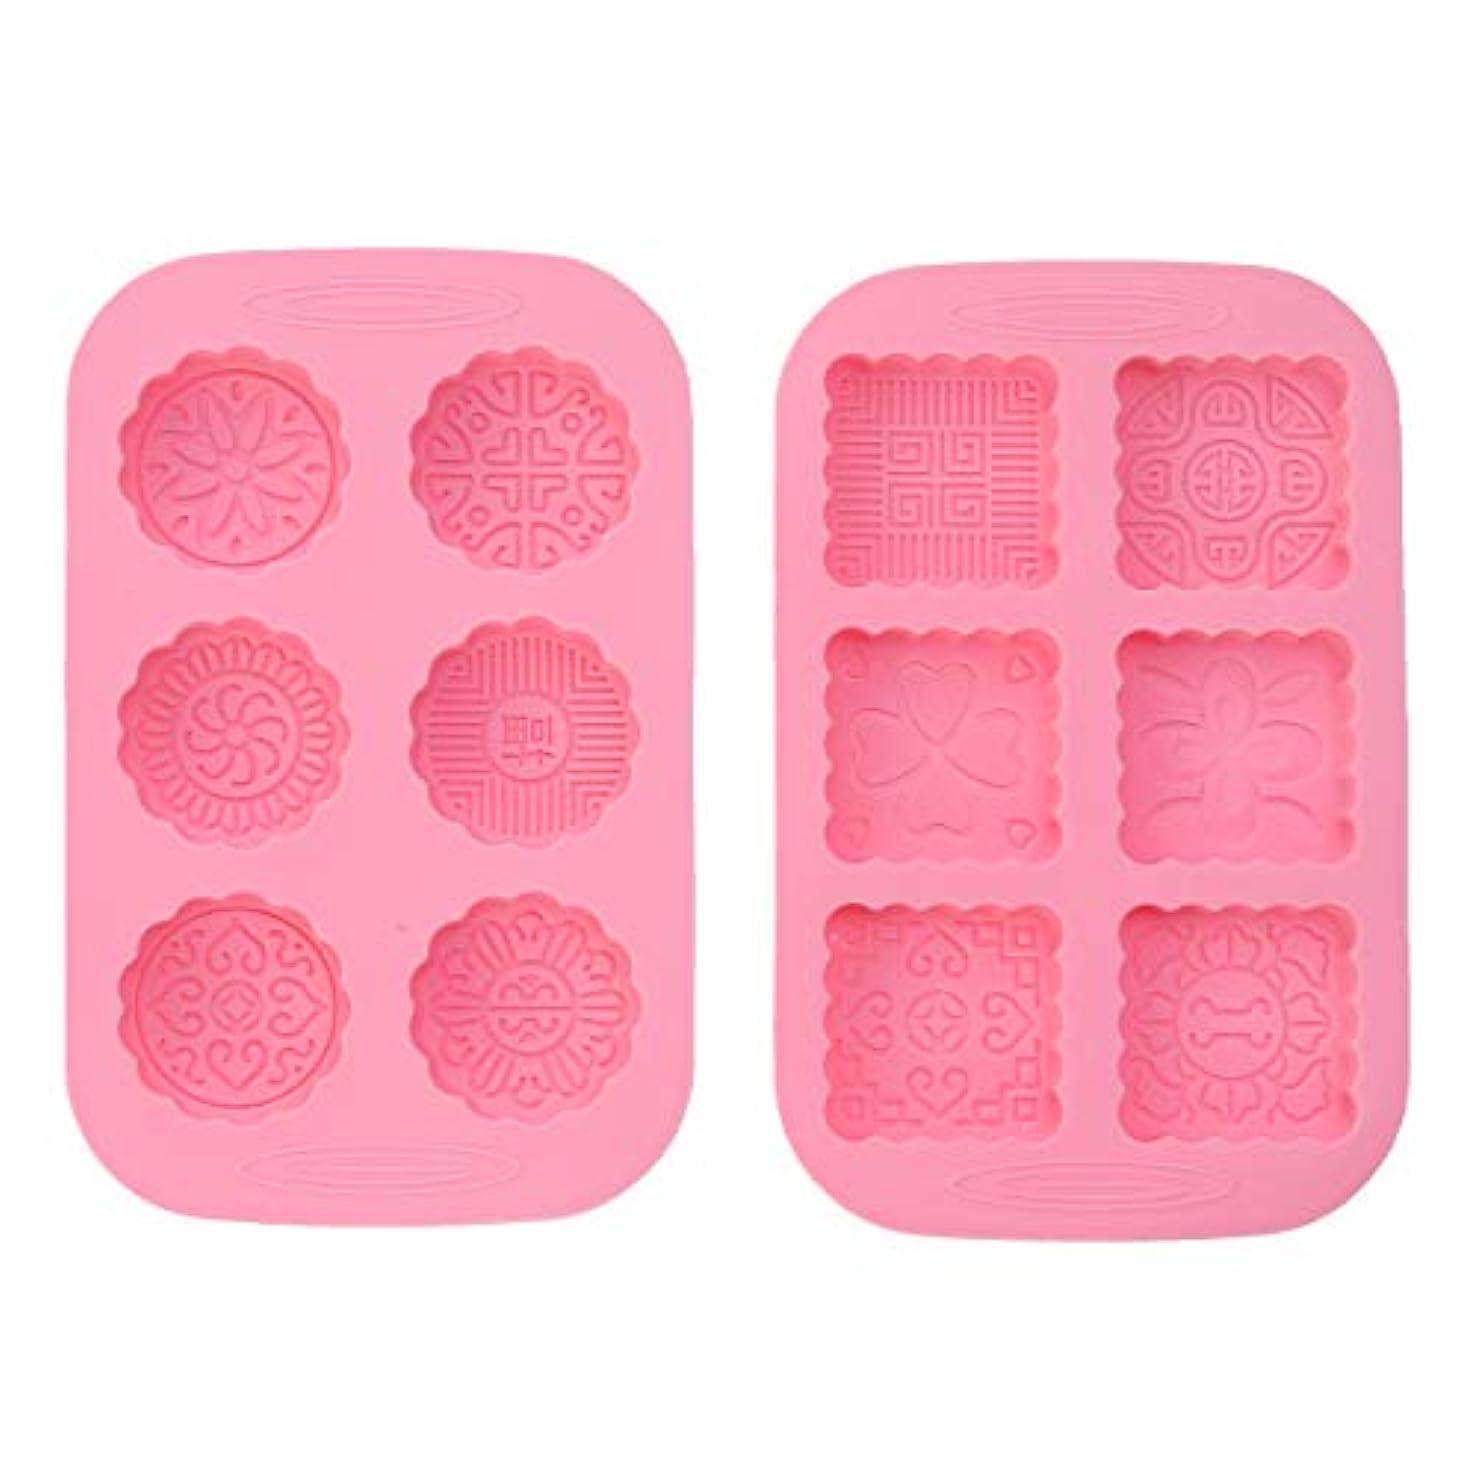 内向き滑るまたHealifty チョコレート石鹸パンのための2本の月餅型の花型(ピンク)